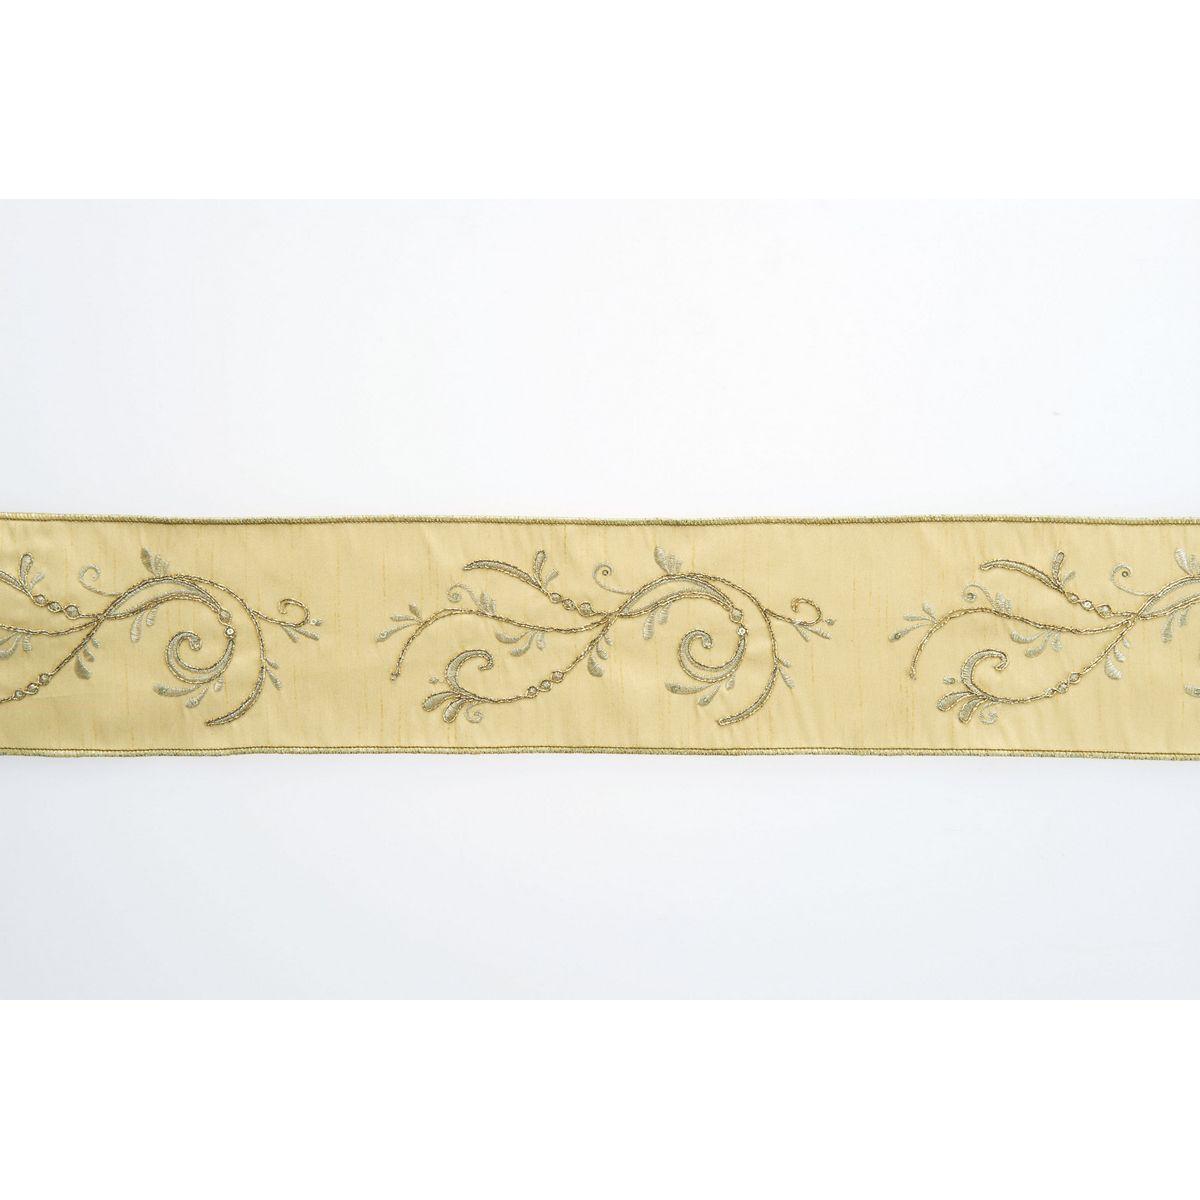 リボン シーズナルリボン クリスマスリボン 造花 アスカ 期間限定で特別価格 取寄 01 ゴールド エンブロイダリーリボン AX60056-40 日時指定